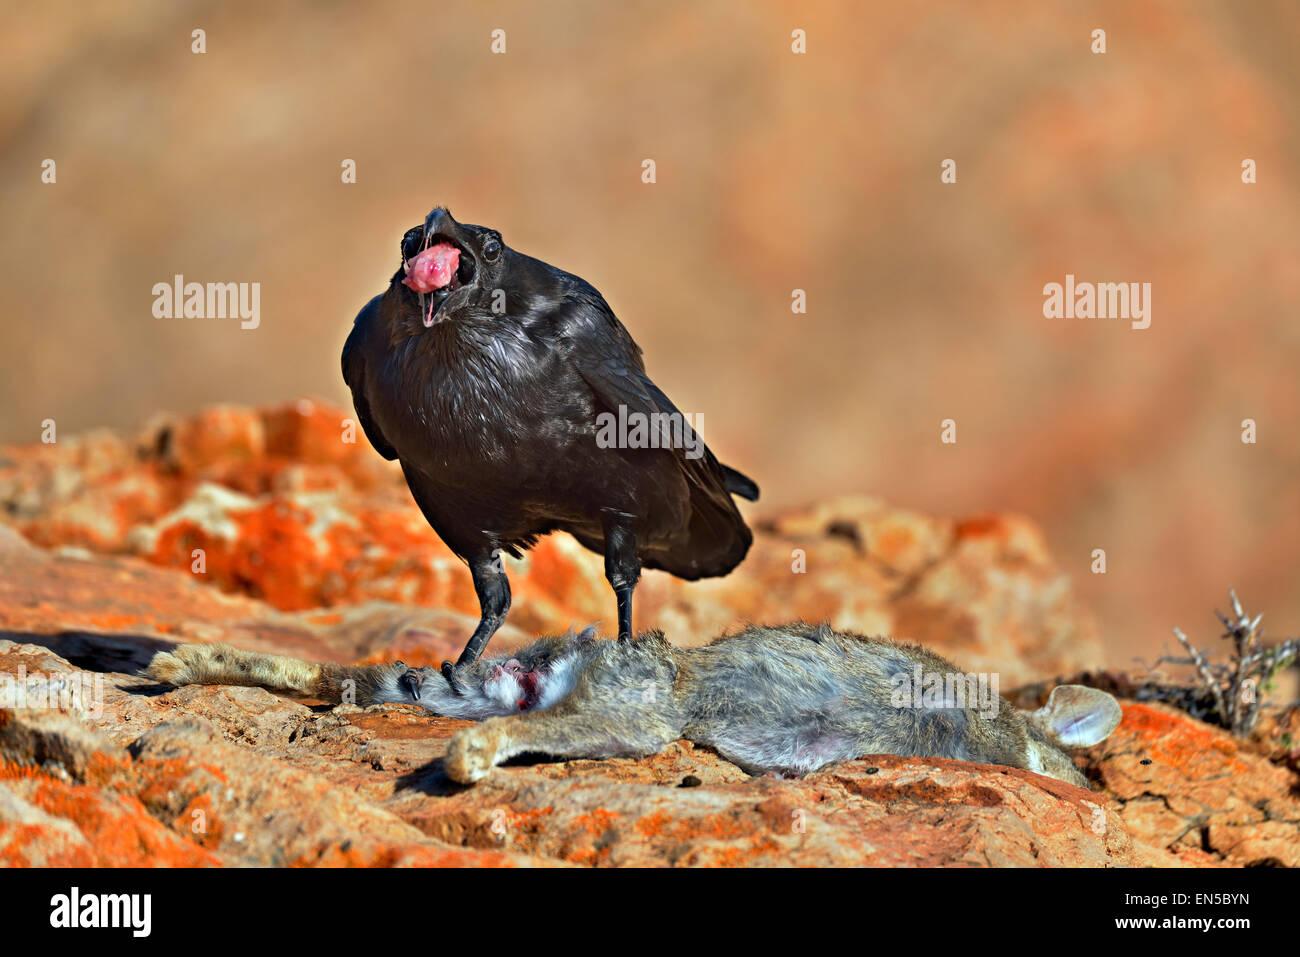 Fuerteventura Insel, ländliche NP Corvus Corax Tingitanus, gemeinsame Raven ein wilden Kaninchen Essen Stockbild